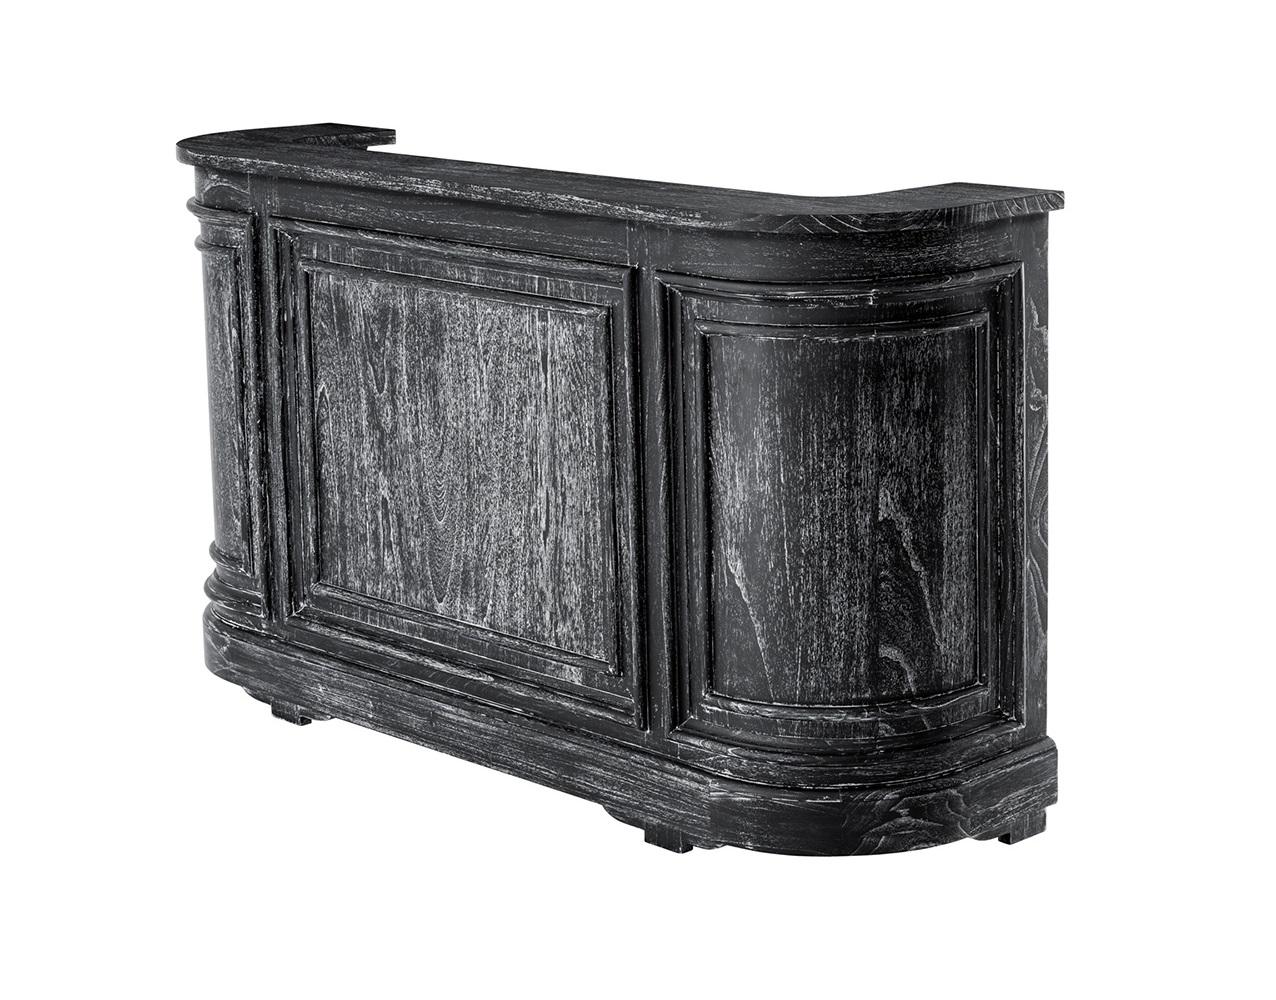 Барная стойкаБарные столы<br>Барная стойка Bar Unit Bramante выполнена из дерева черного цвета с эффектом состаривания. Внутри расположены полки.<br><br>Material: Дерево<br>Width см: 90<br>Depth см: 50<br>Height см: 101